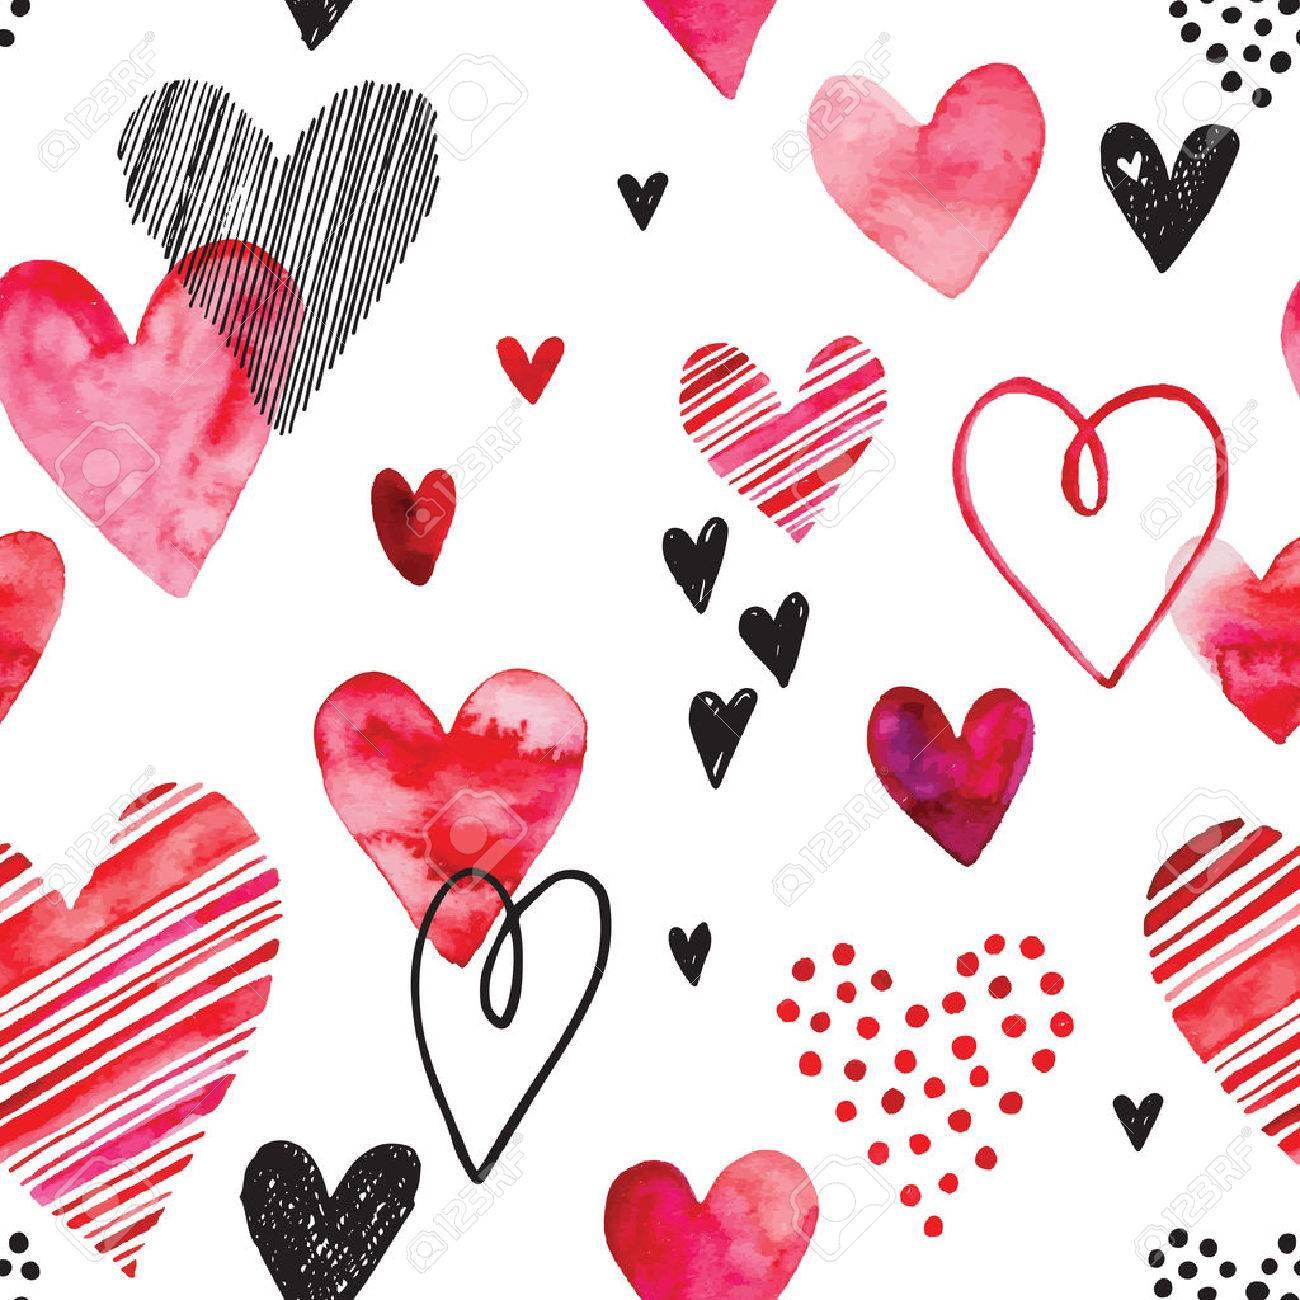 Herz Muster Vektor Nahtlose Hintergrund Kann Fur Hochzeit